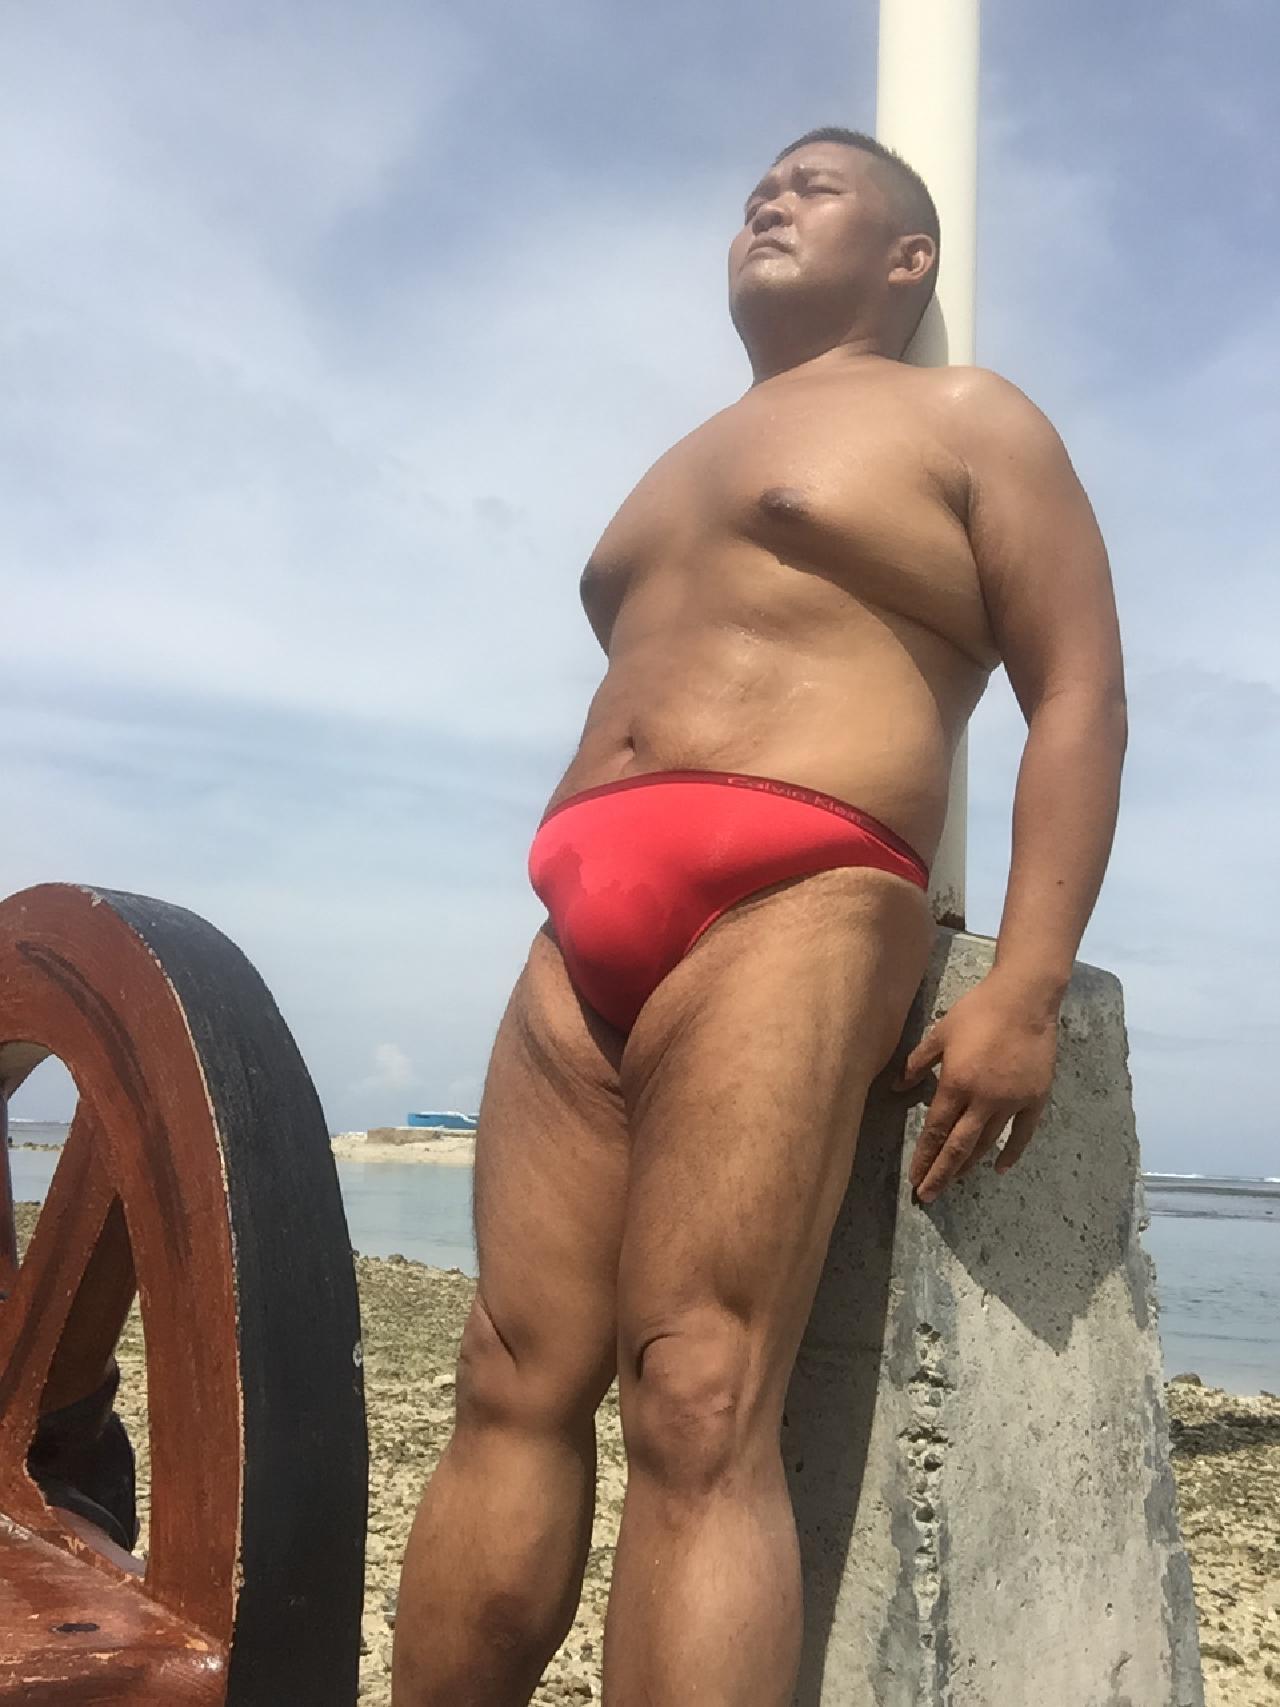 Bikini sun bather (179/218)